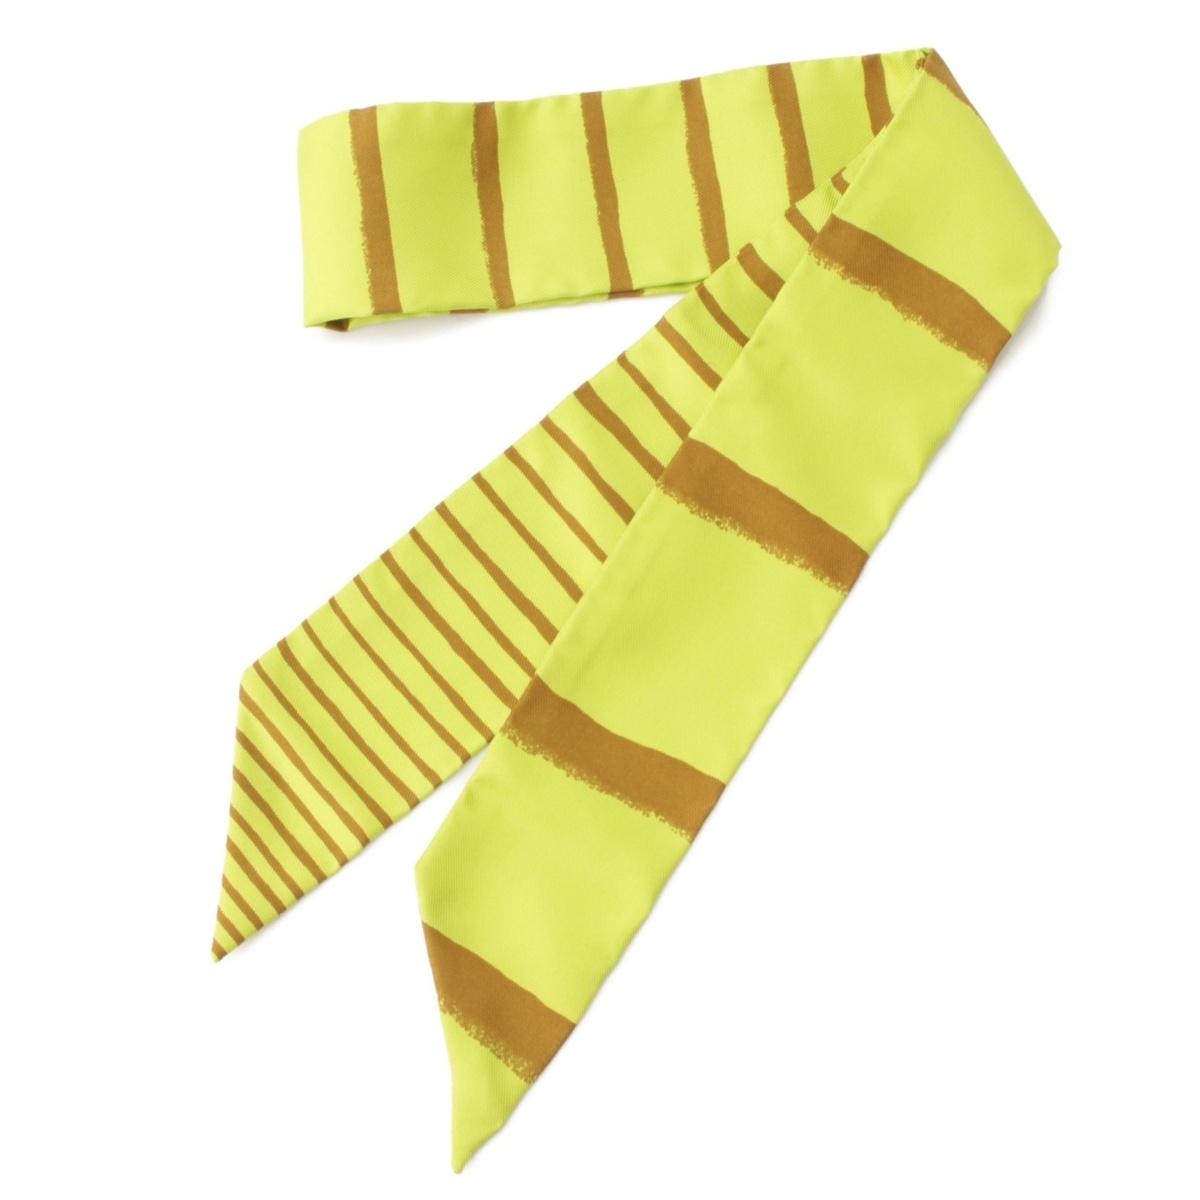 【エルメス】Hermes ツイリー シルク スカーフ ストライプ グリーン×ブラウン 【中古】【鑑定済・正規品保証】52056